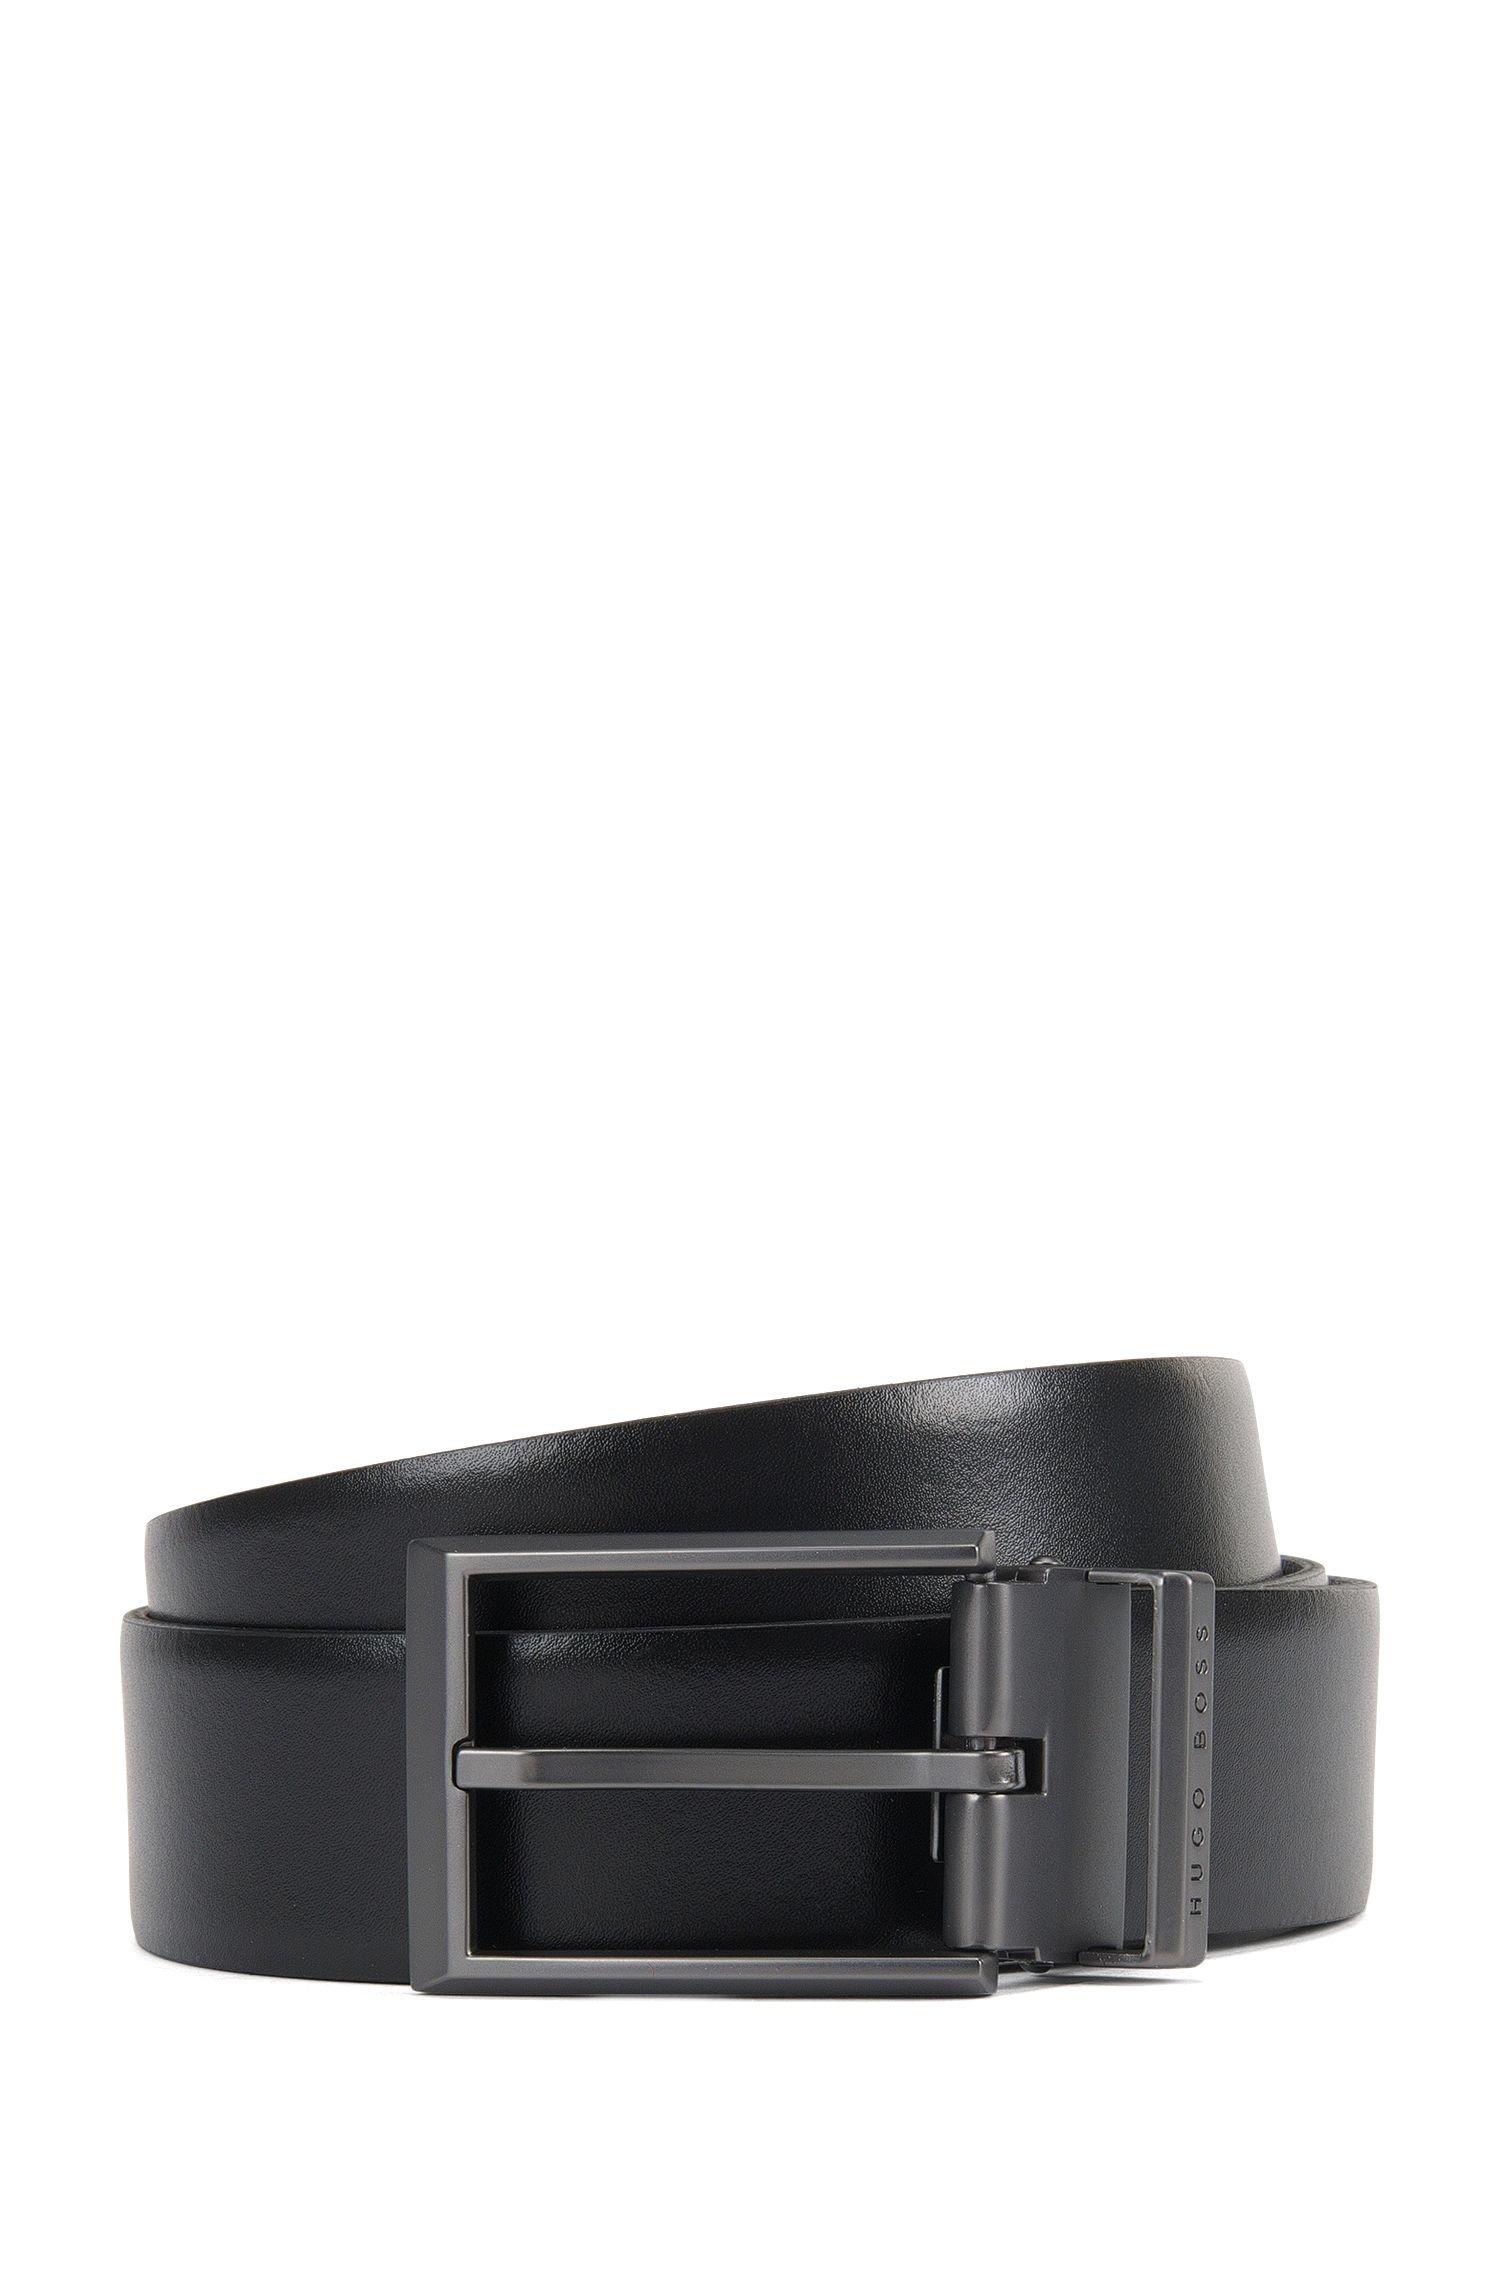 Cinturón reversible en piel lisa